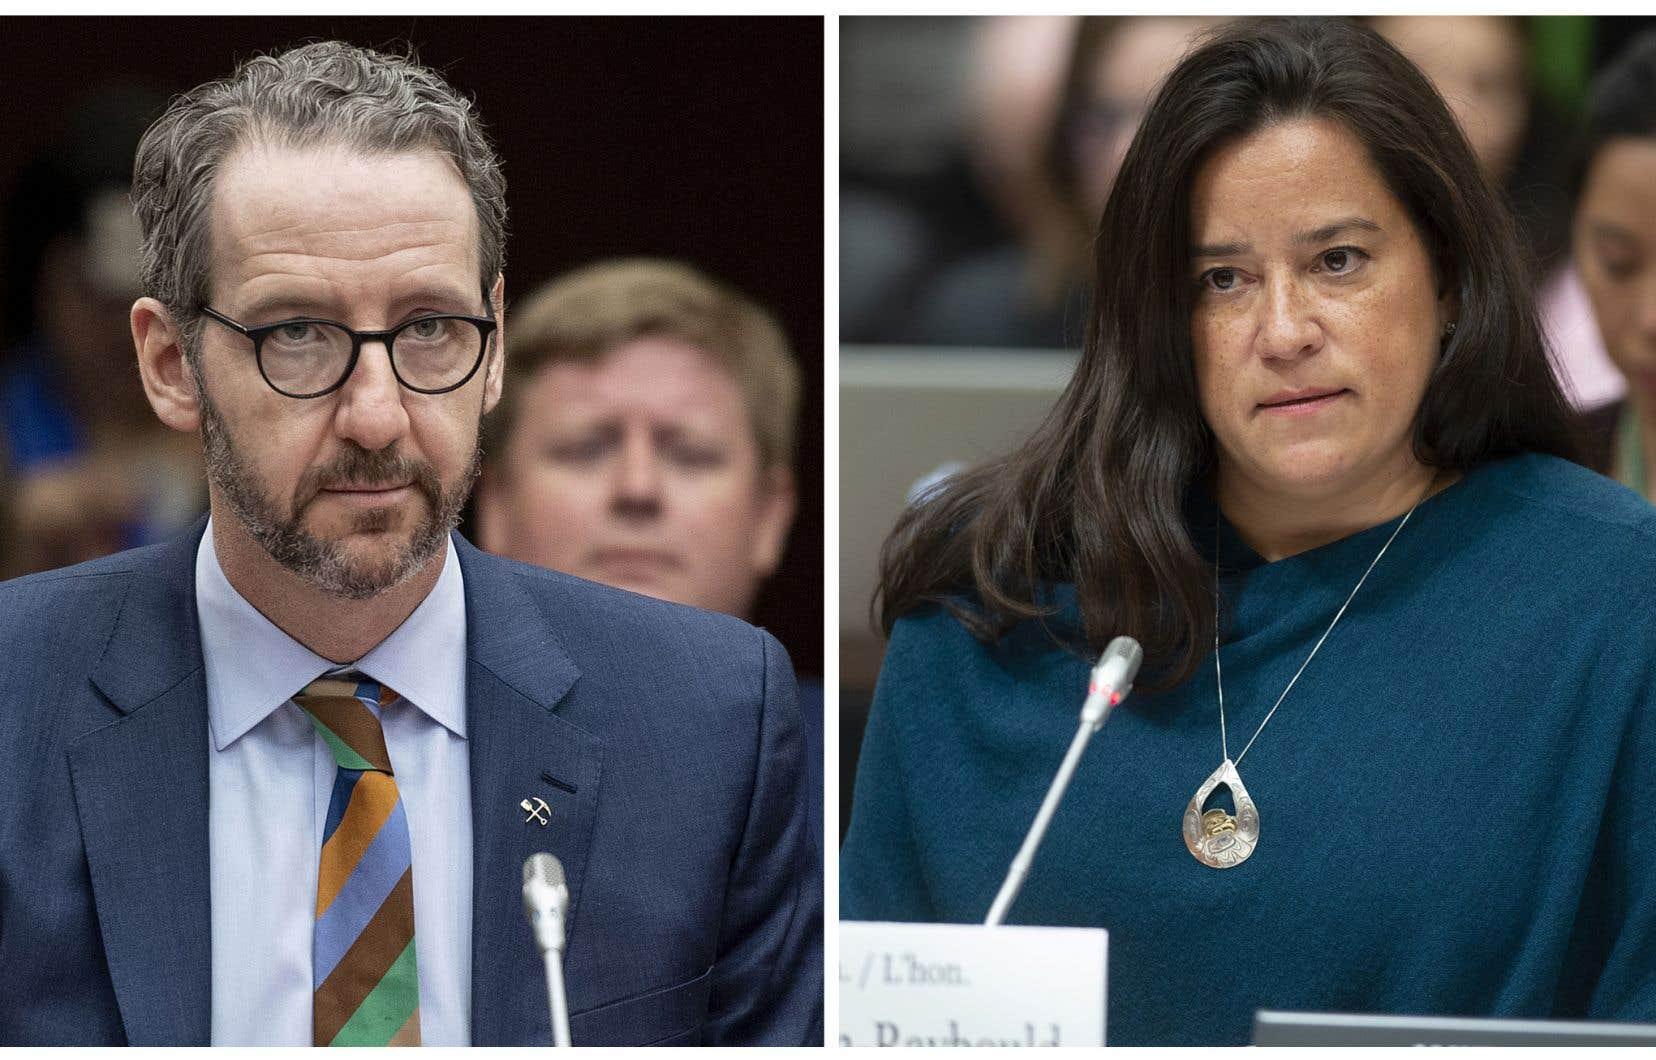 Les témoignages croisés de Gerald Butts et Jody Wilson-Raybould devant le Comité permanent de la justice ont révélé une profonde divergence de perceptions quant aux événements liés au dossier SNC-Lavalin.